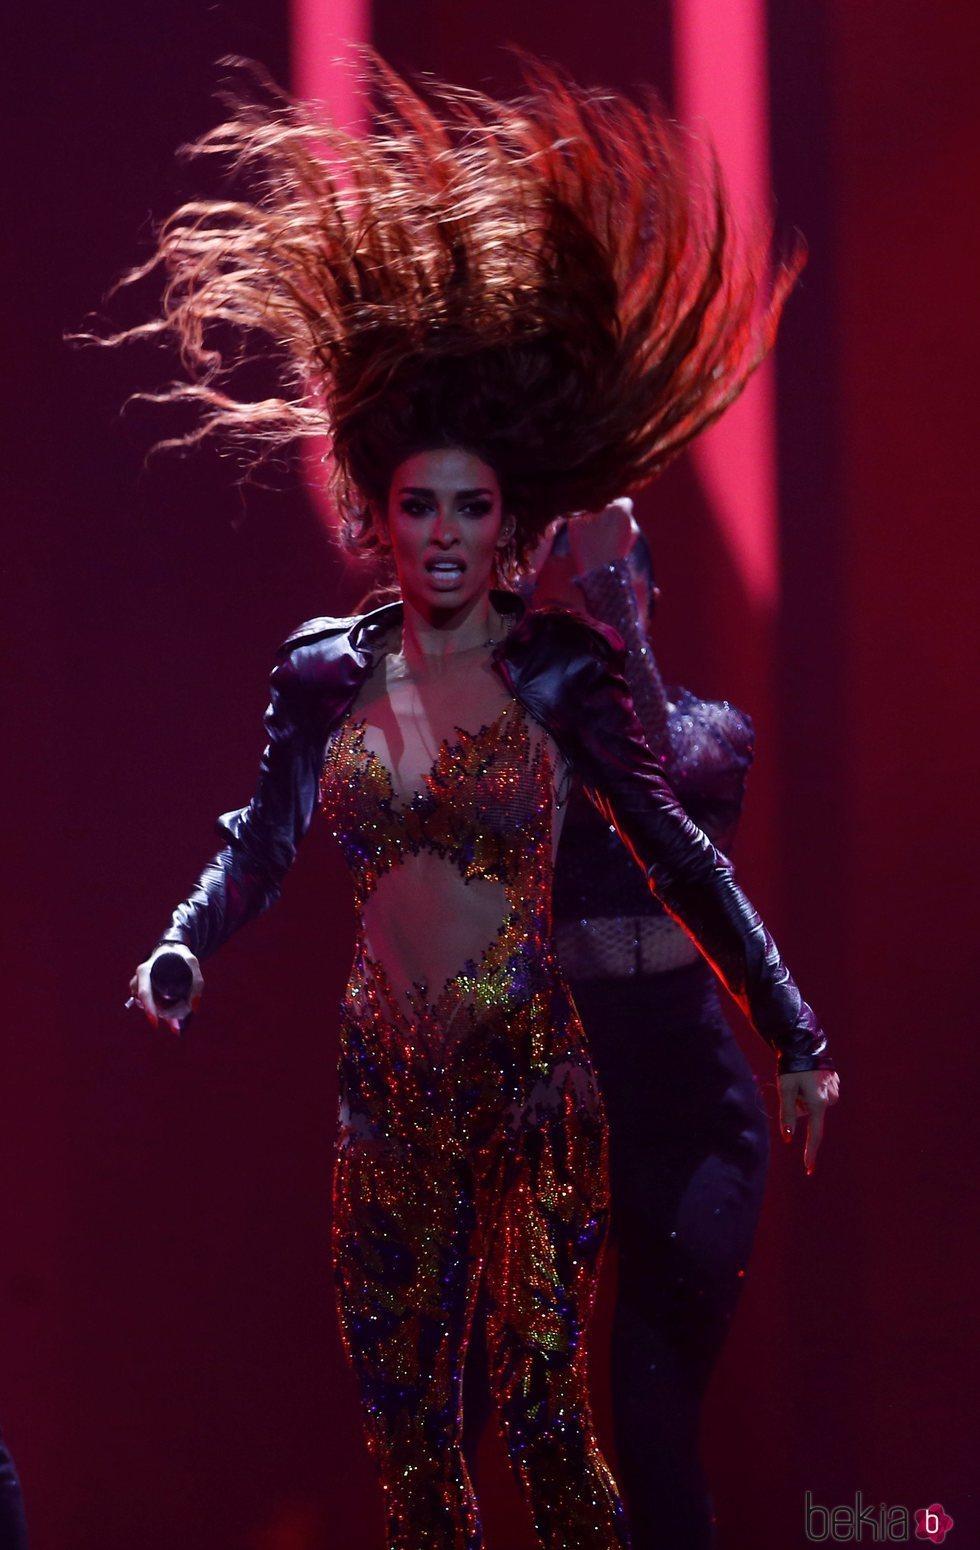 La representante de Chipre Eleni Foureira actuando con su canción 'Fuego' en la final de Eurovisión 2018